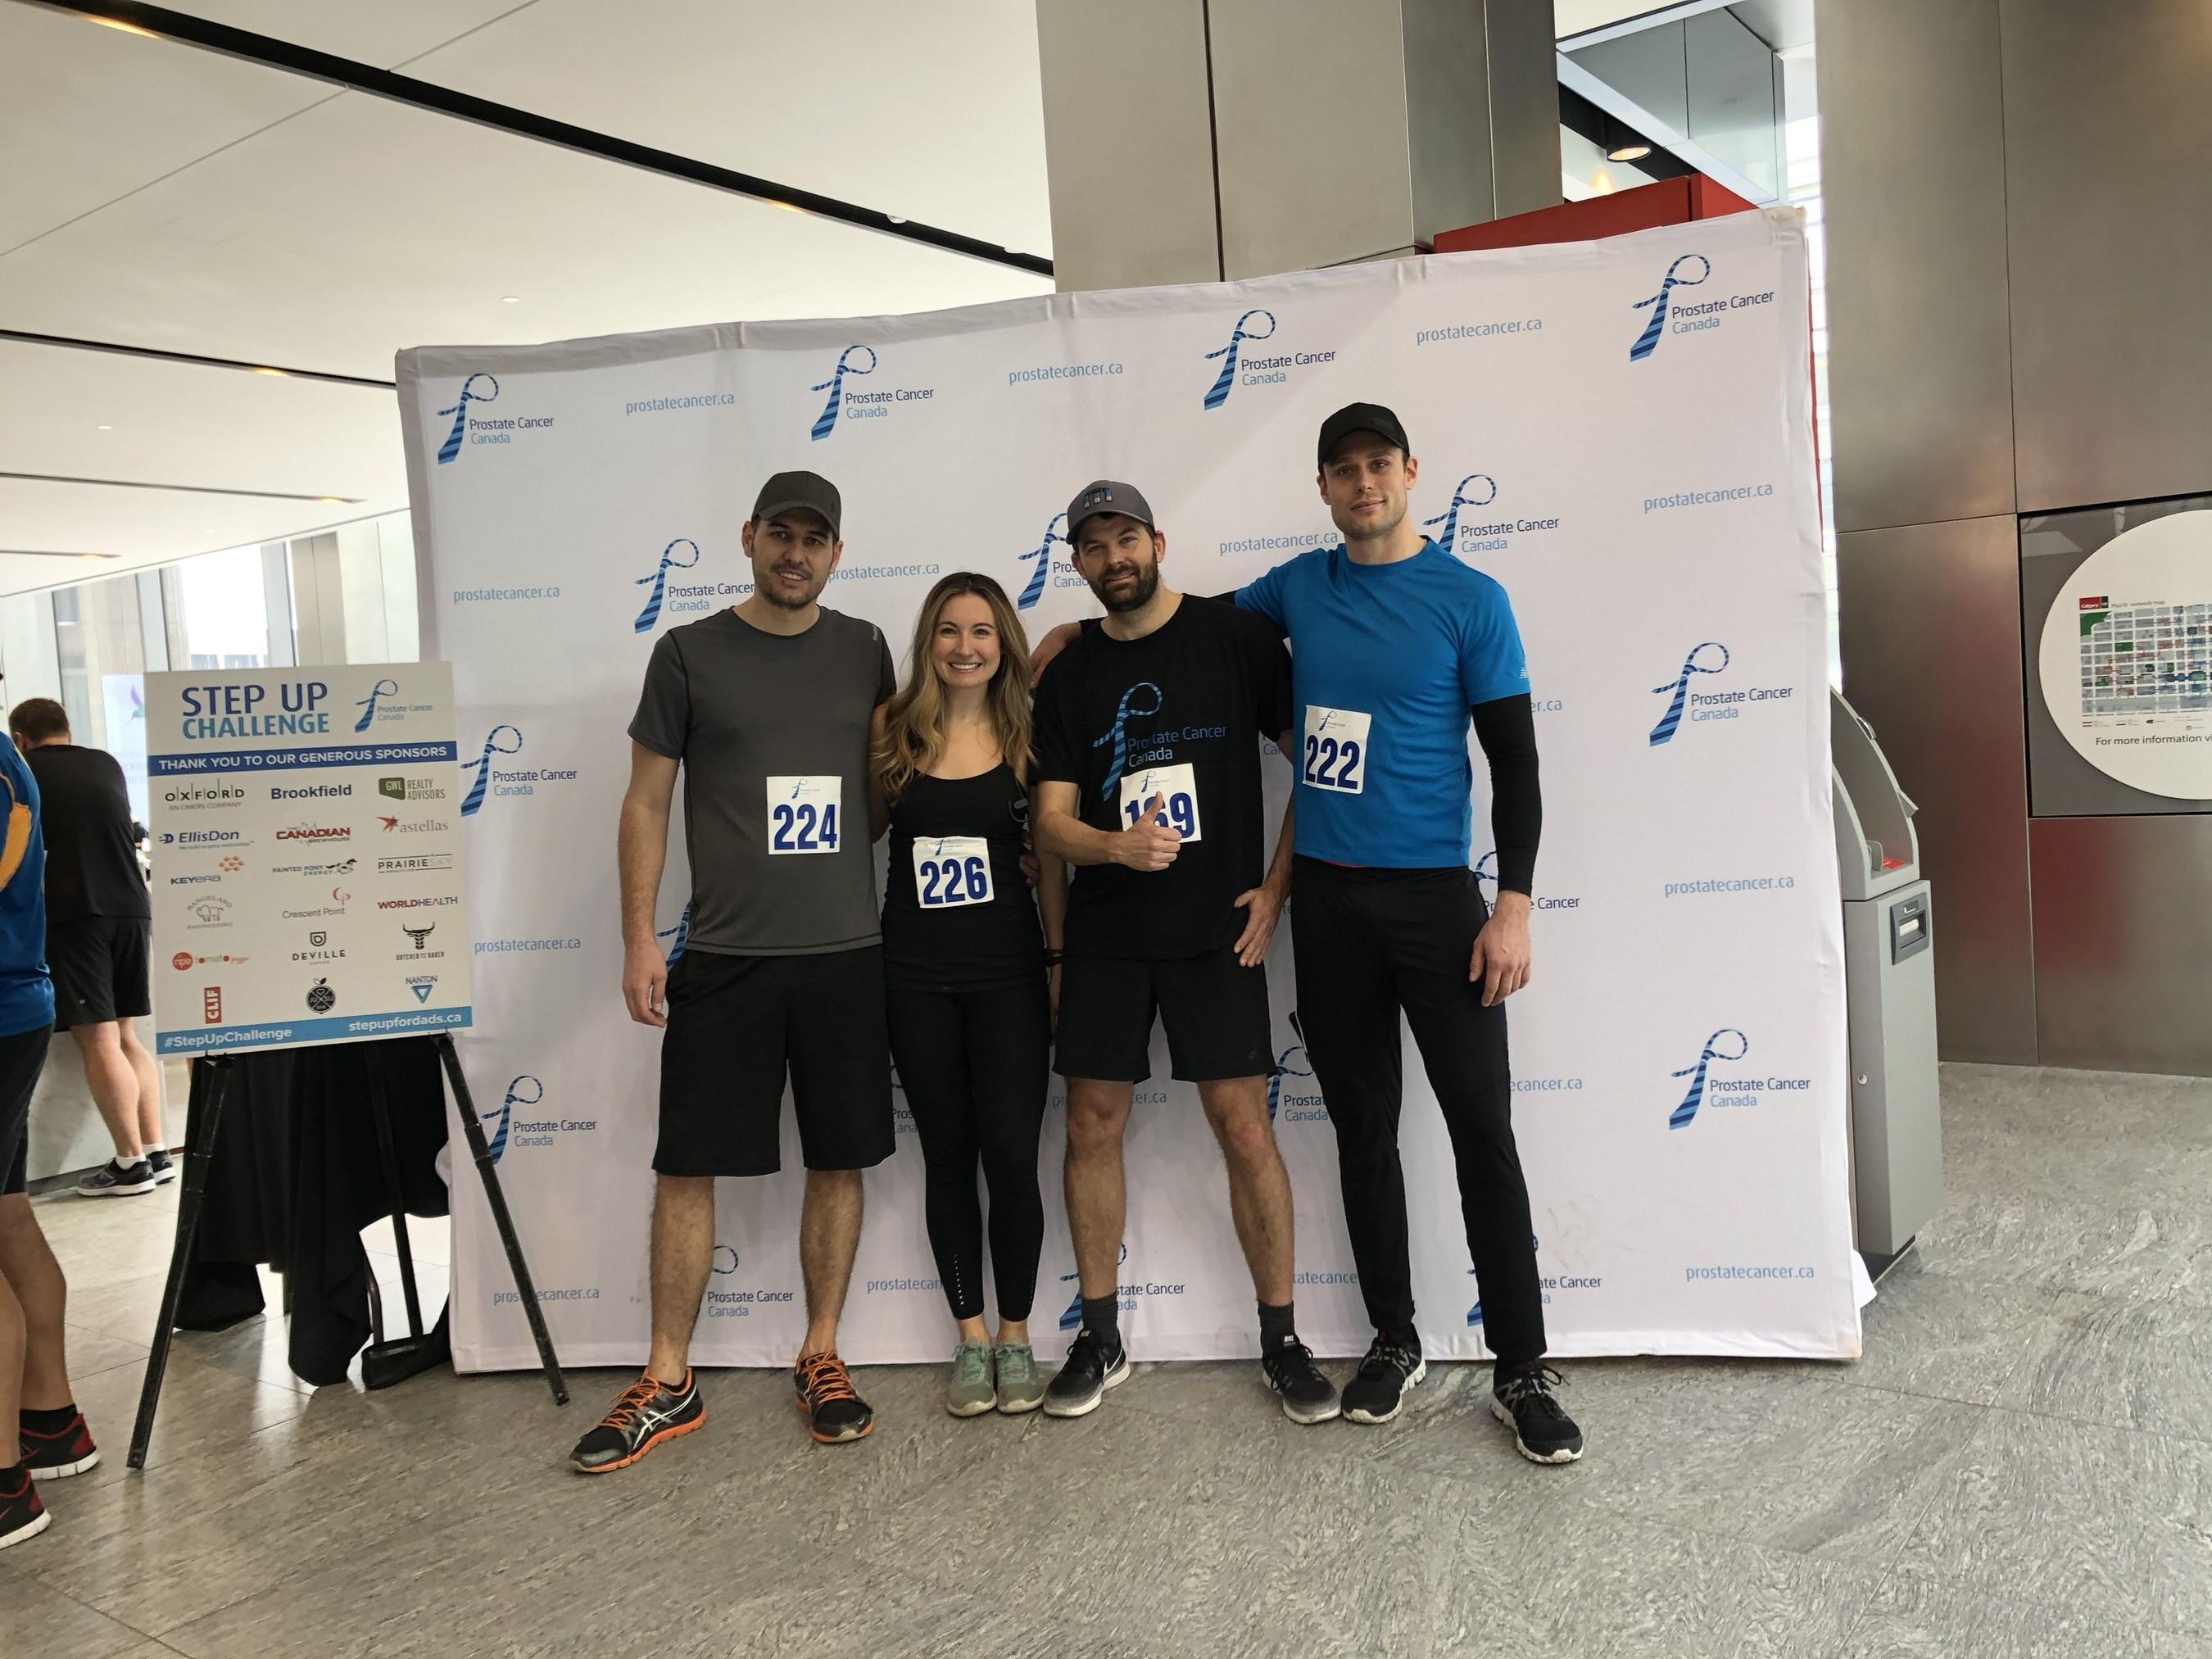 EllisDon Completes Prostate Cancer Canada's 2018 Step-Up